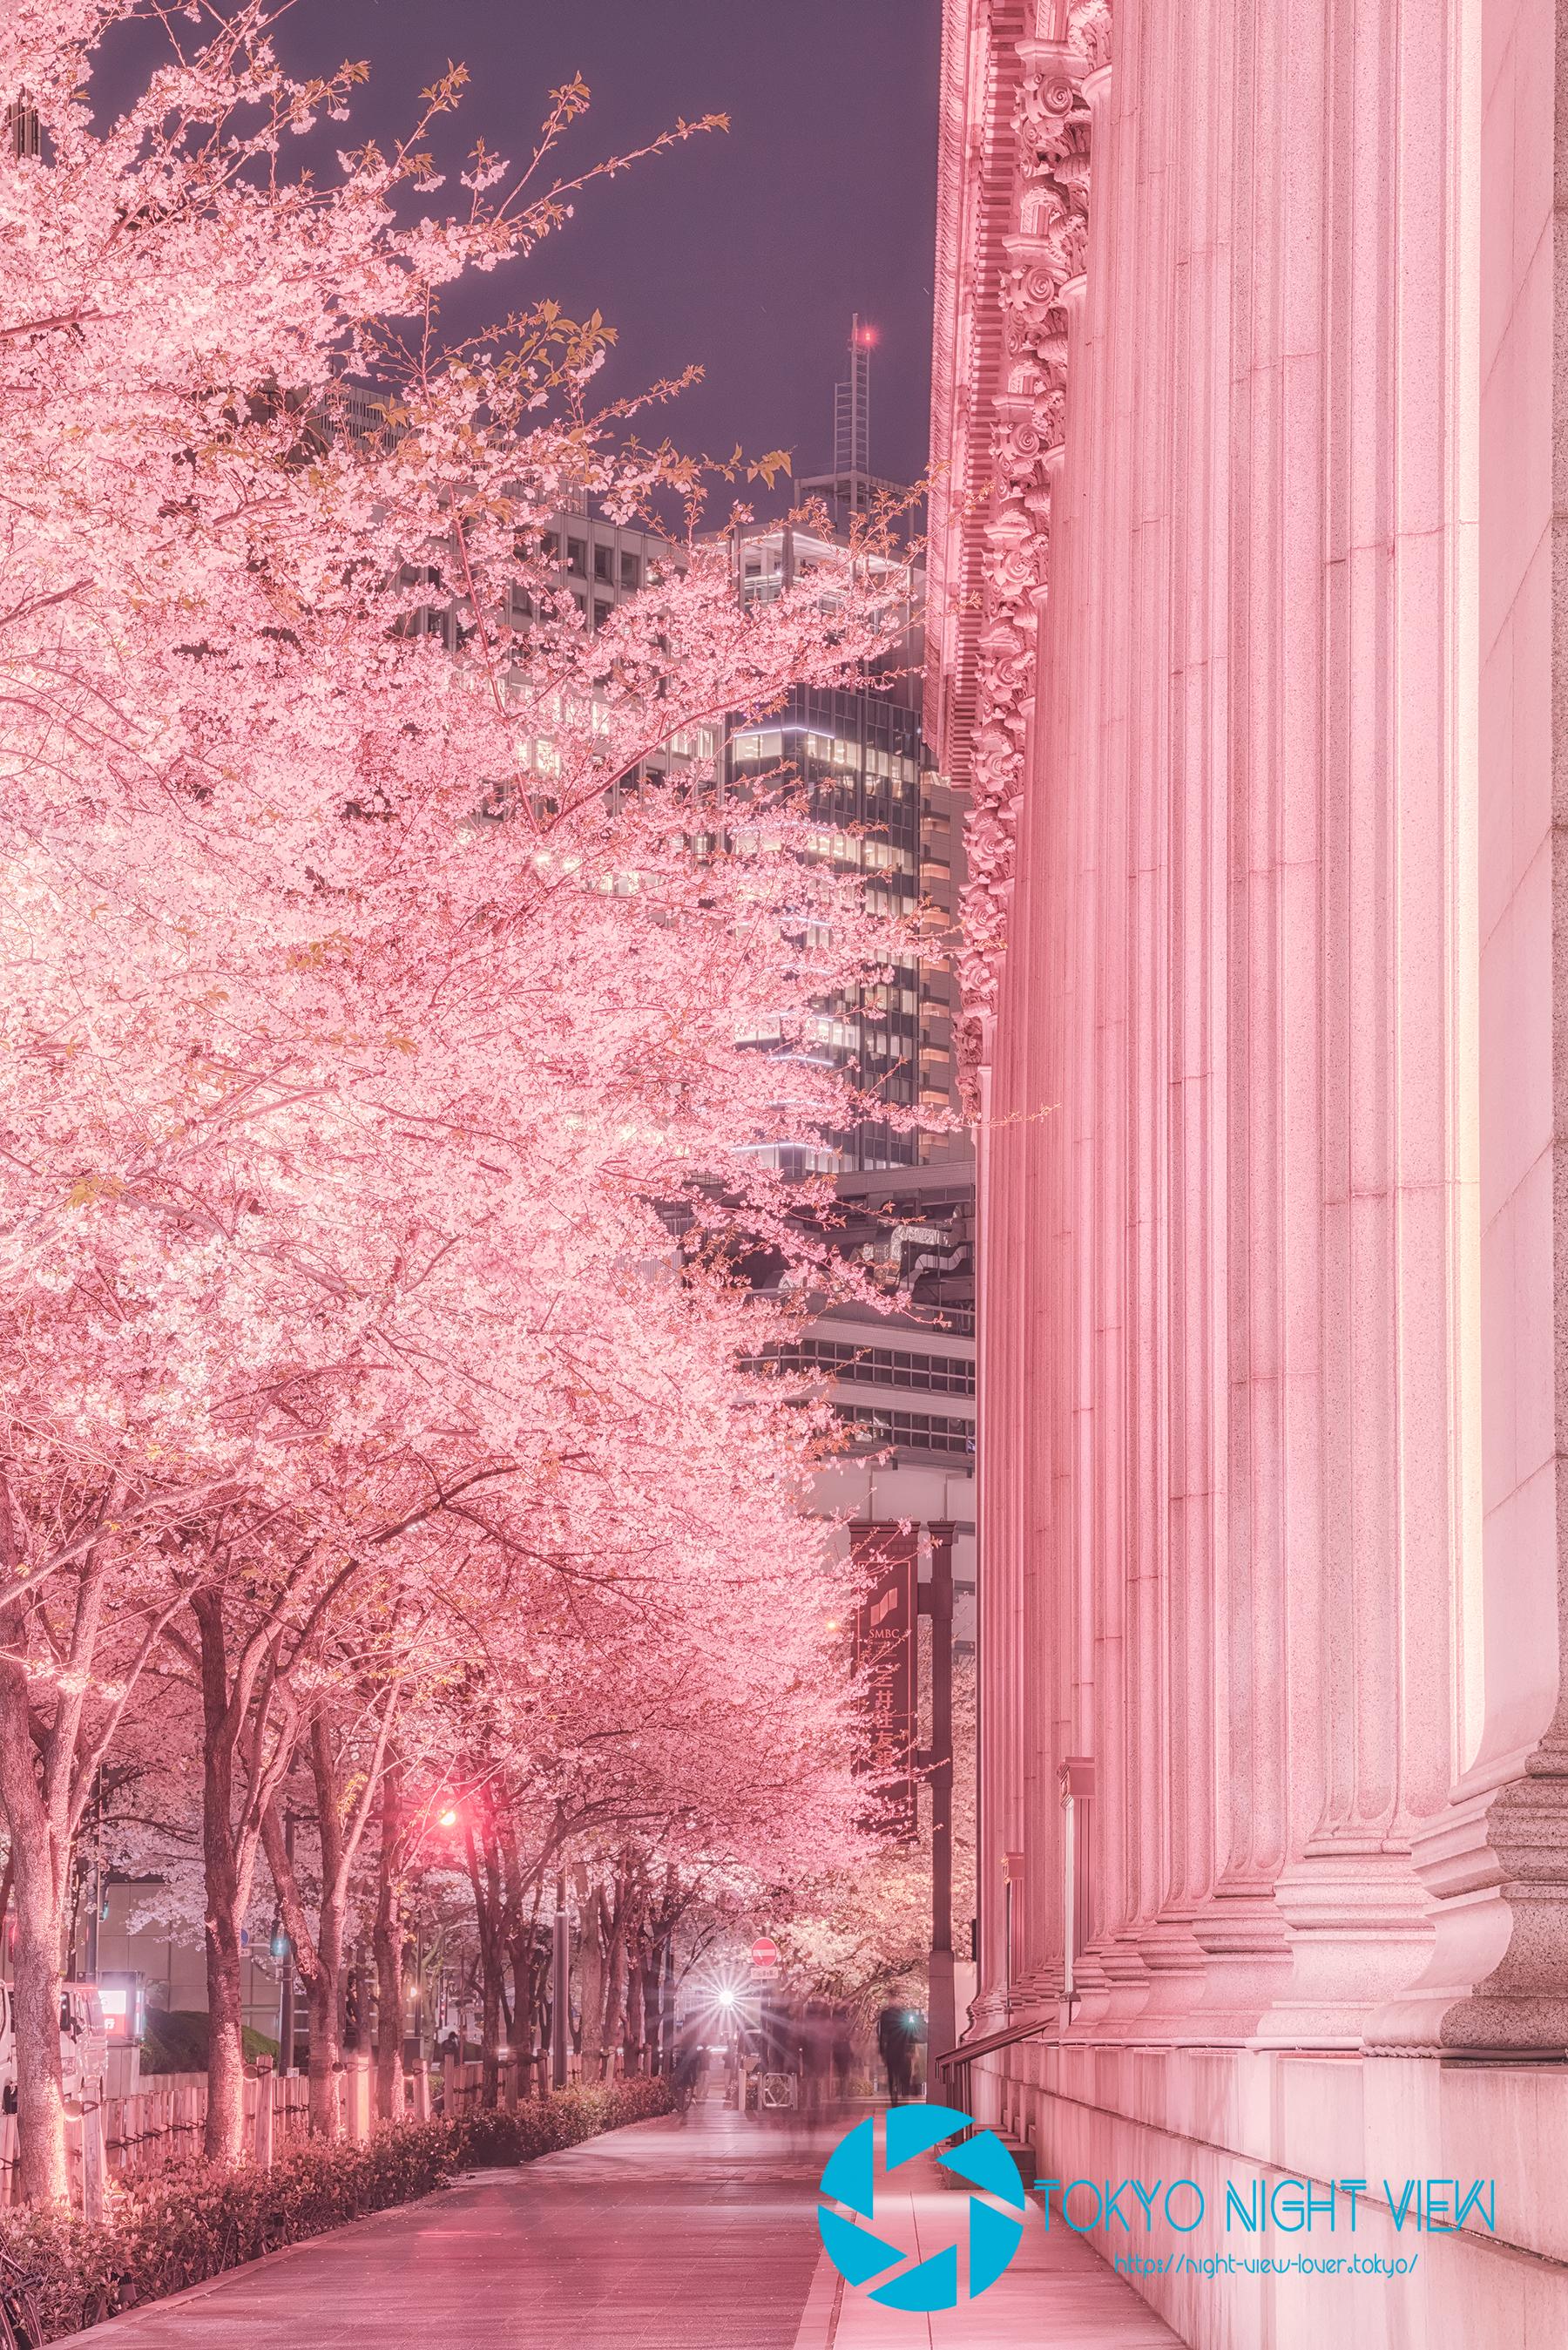 特徴的な柱が並ぶ三井本館と桜並木